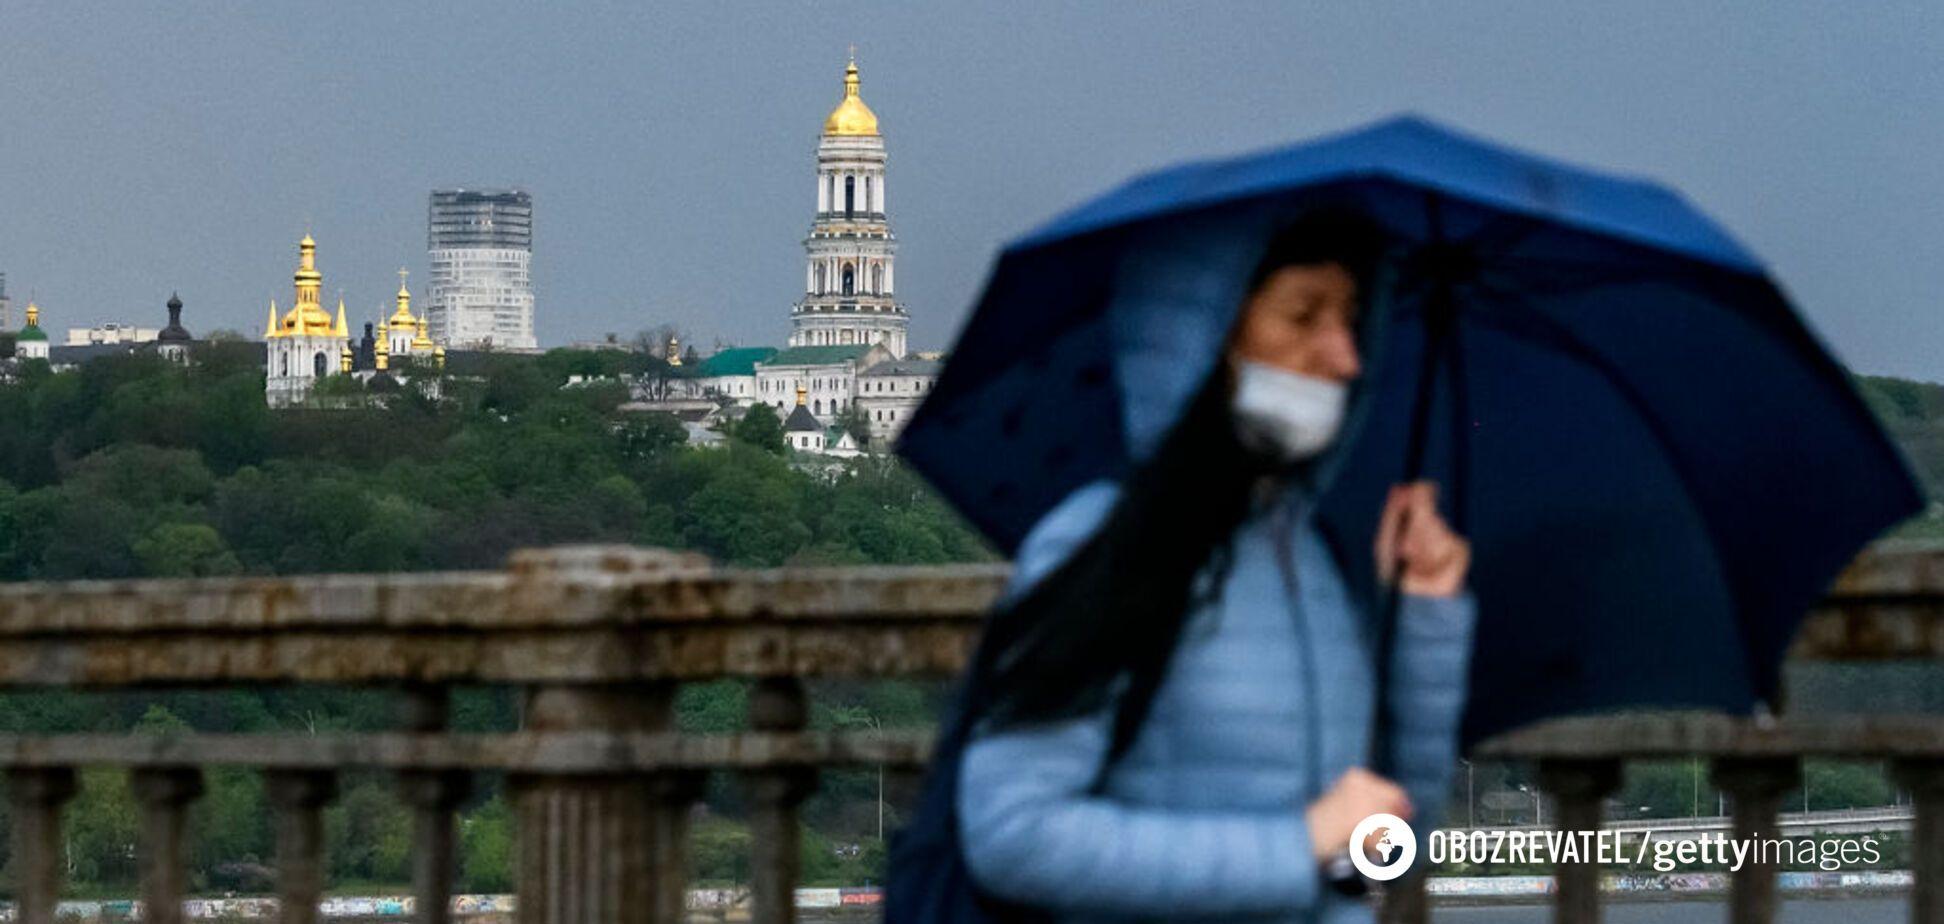 Чому Covid-19 в Україні повільніший, ніж в Європі: інфекціоністка помітила нюанс